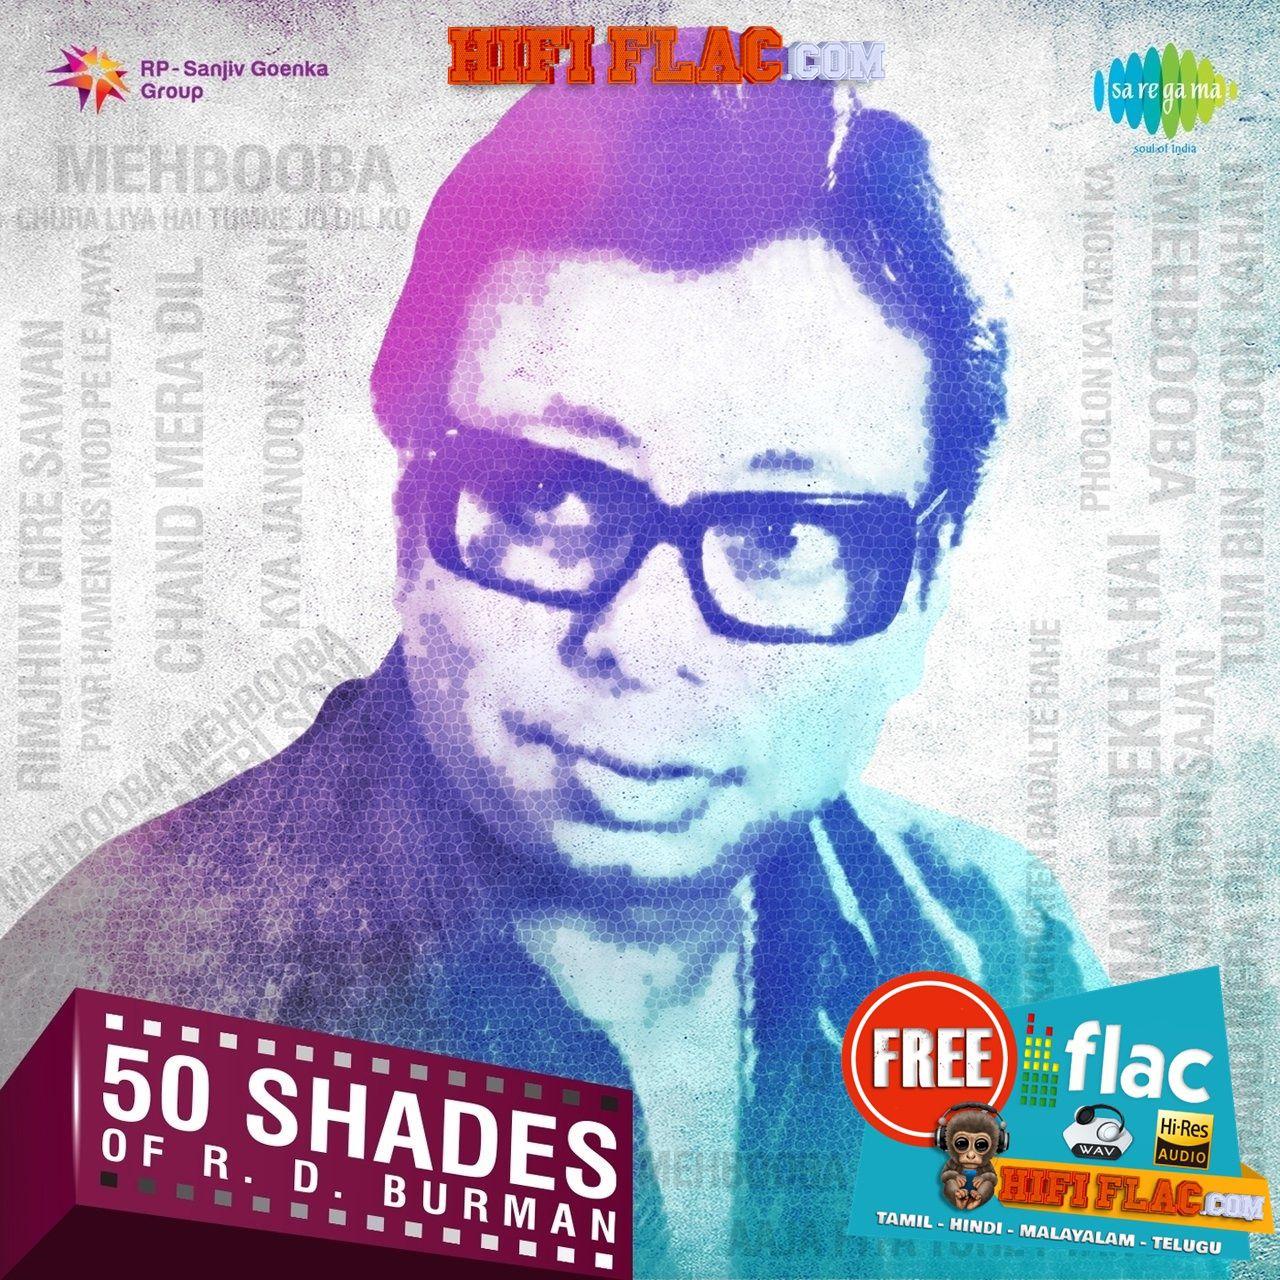 50 Shades Of R D Burman 2015 Hindi Digitalrip Flac Hindi Download Tv Shows 50 Shades